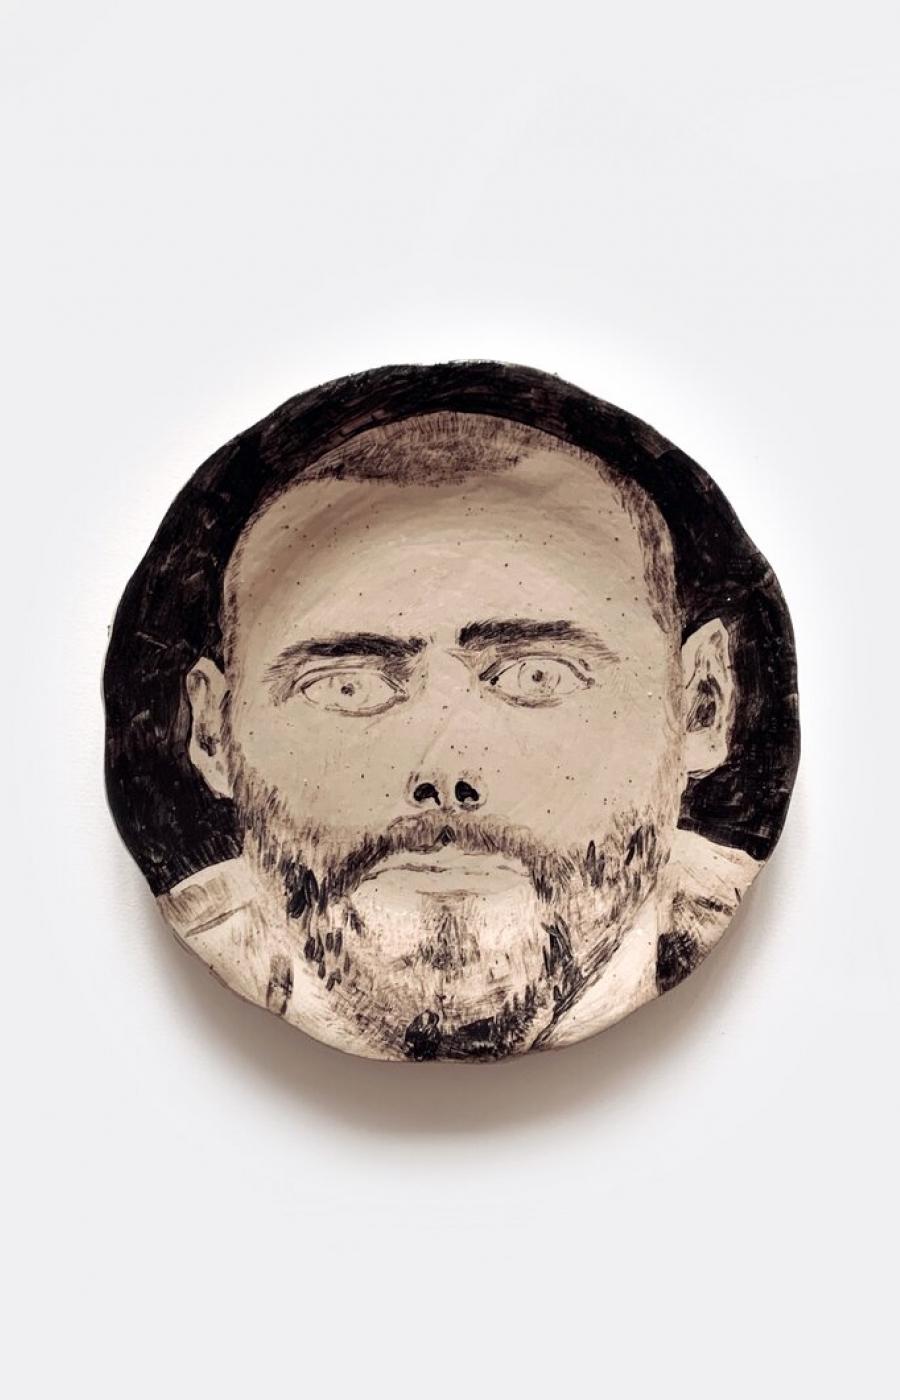 <b>Clément Bataille</b>, <em>Portrait 1</em>, Grès oxydé et émaillé à haute température, 2019 /23x23x3cm